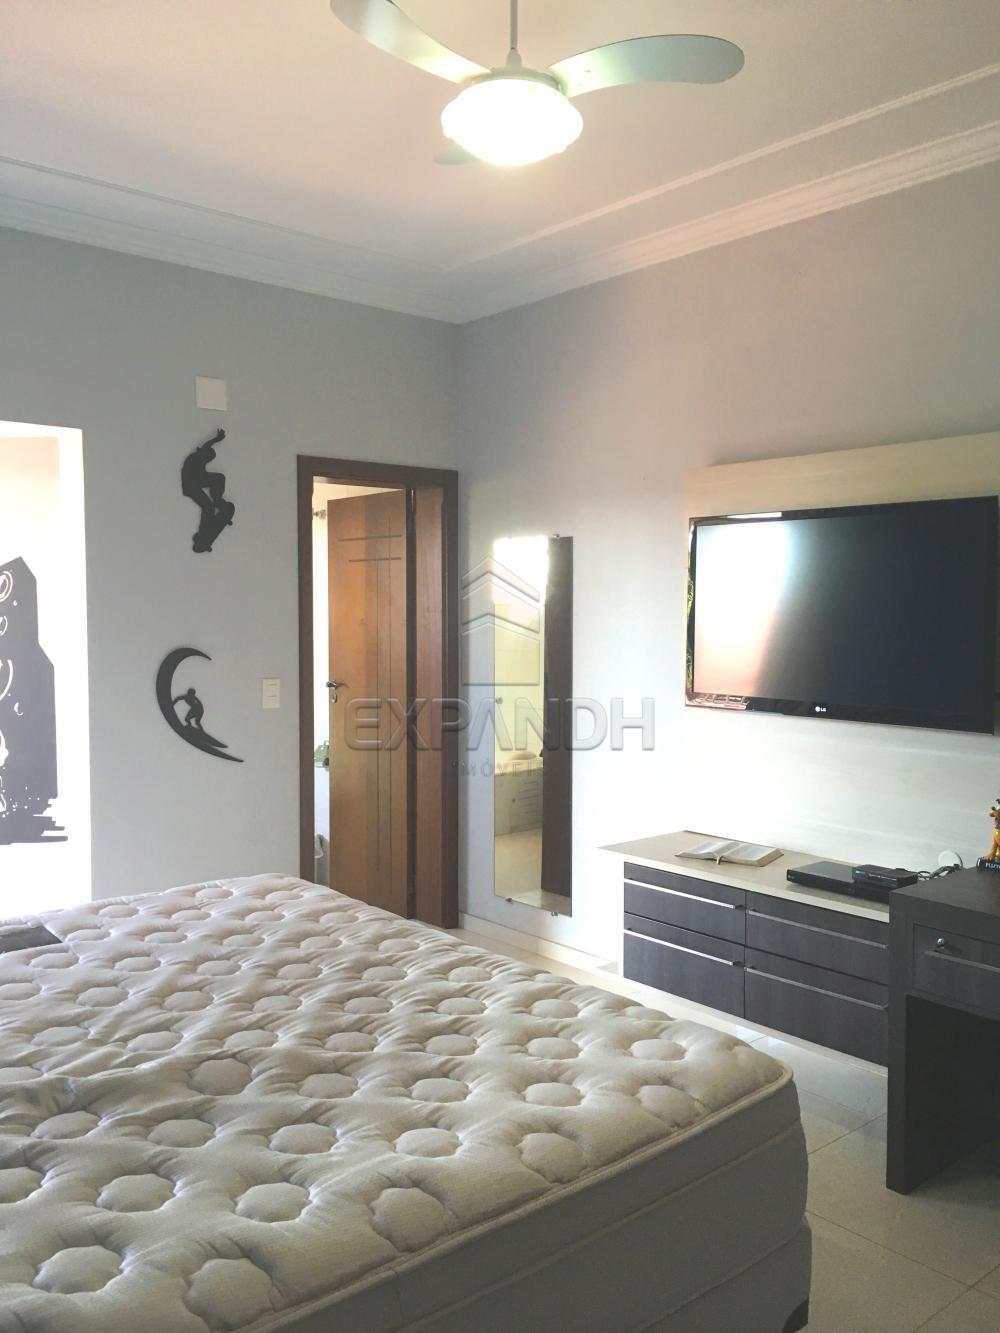 Comprar Casas / Padrão em Sertãozinho R$ 1.155.000,00 - Foto 36